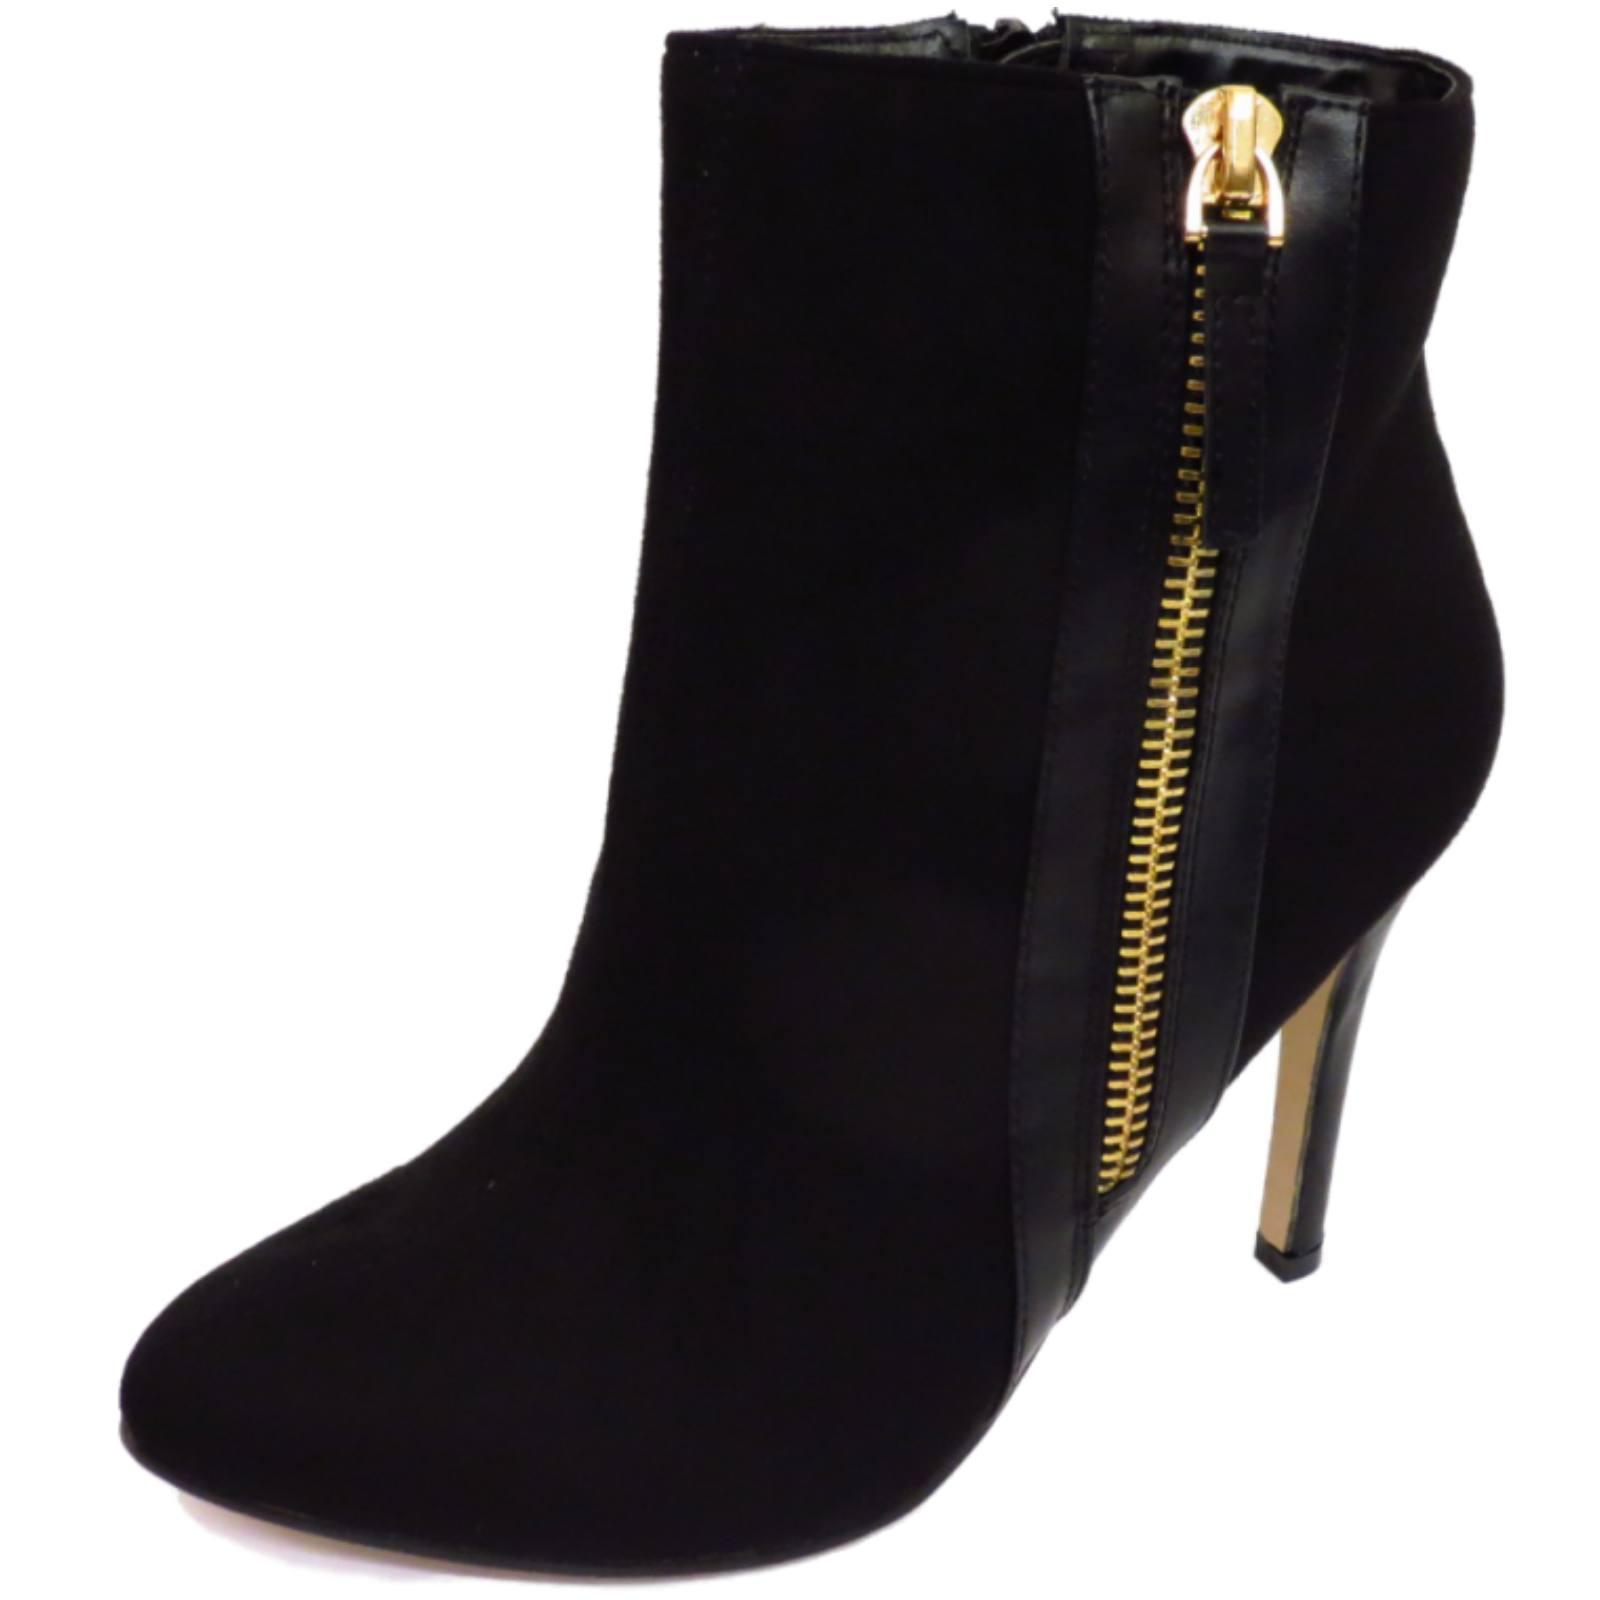 Femme dolcis noir zip-up high-chelsea ᄄᄂ talon travail bottes mi-hauteur chaussures-afficher le titre d'origine